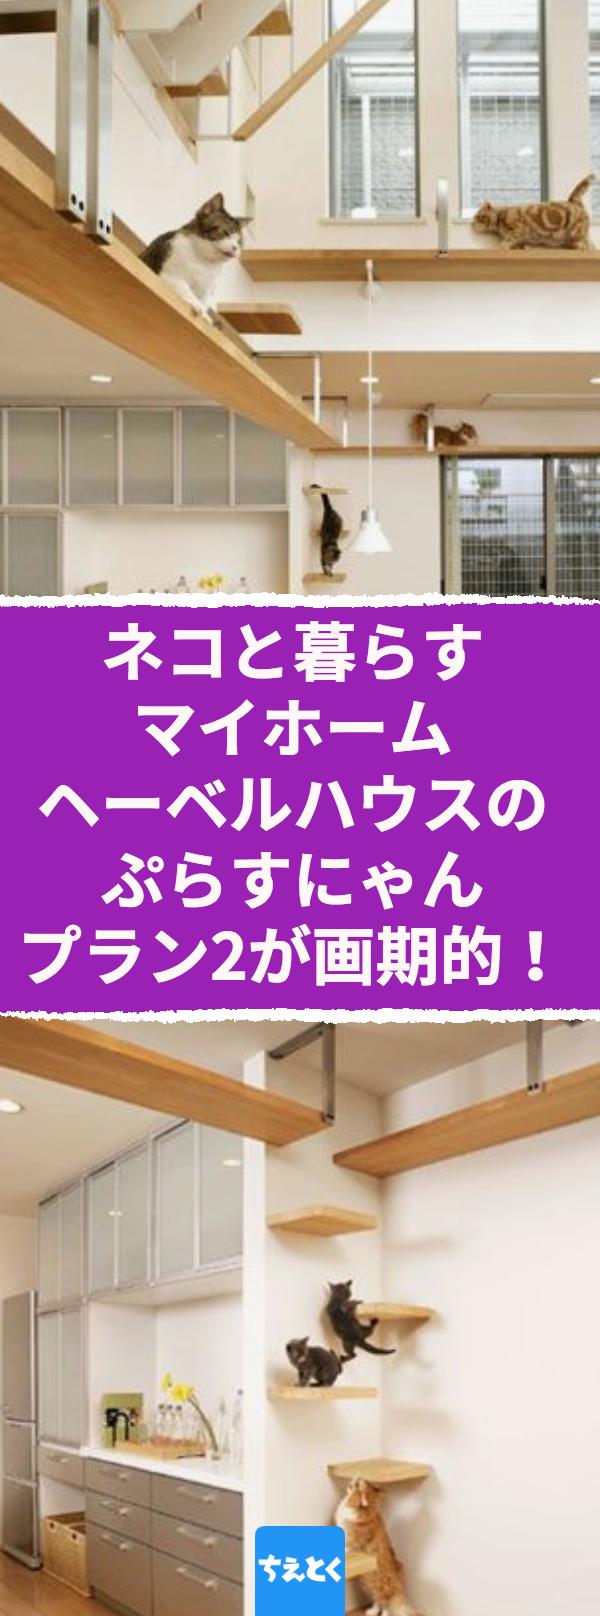 ネコと暮らすマイホーム ヘーベルハウスの ぷらすにゃんプラン2 が画期的 ネコ ヘーベルハウス ぷらすにゃんプラン2 デザイン 建築 ペット 画期的 暮らす 家を建てる 家 リノベーション インテリア